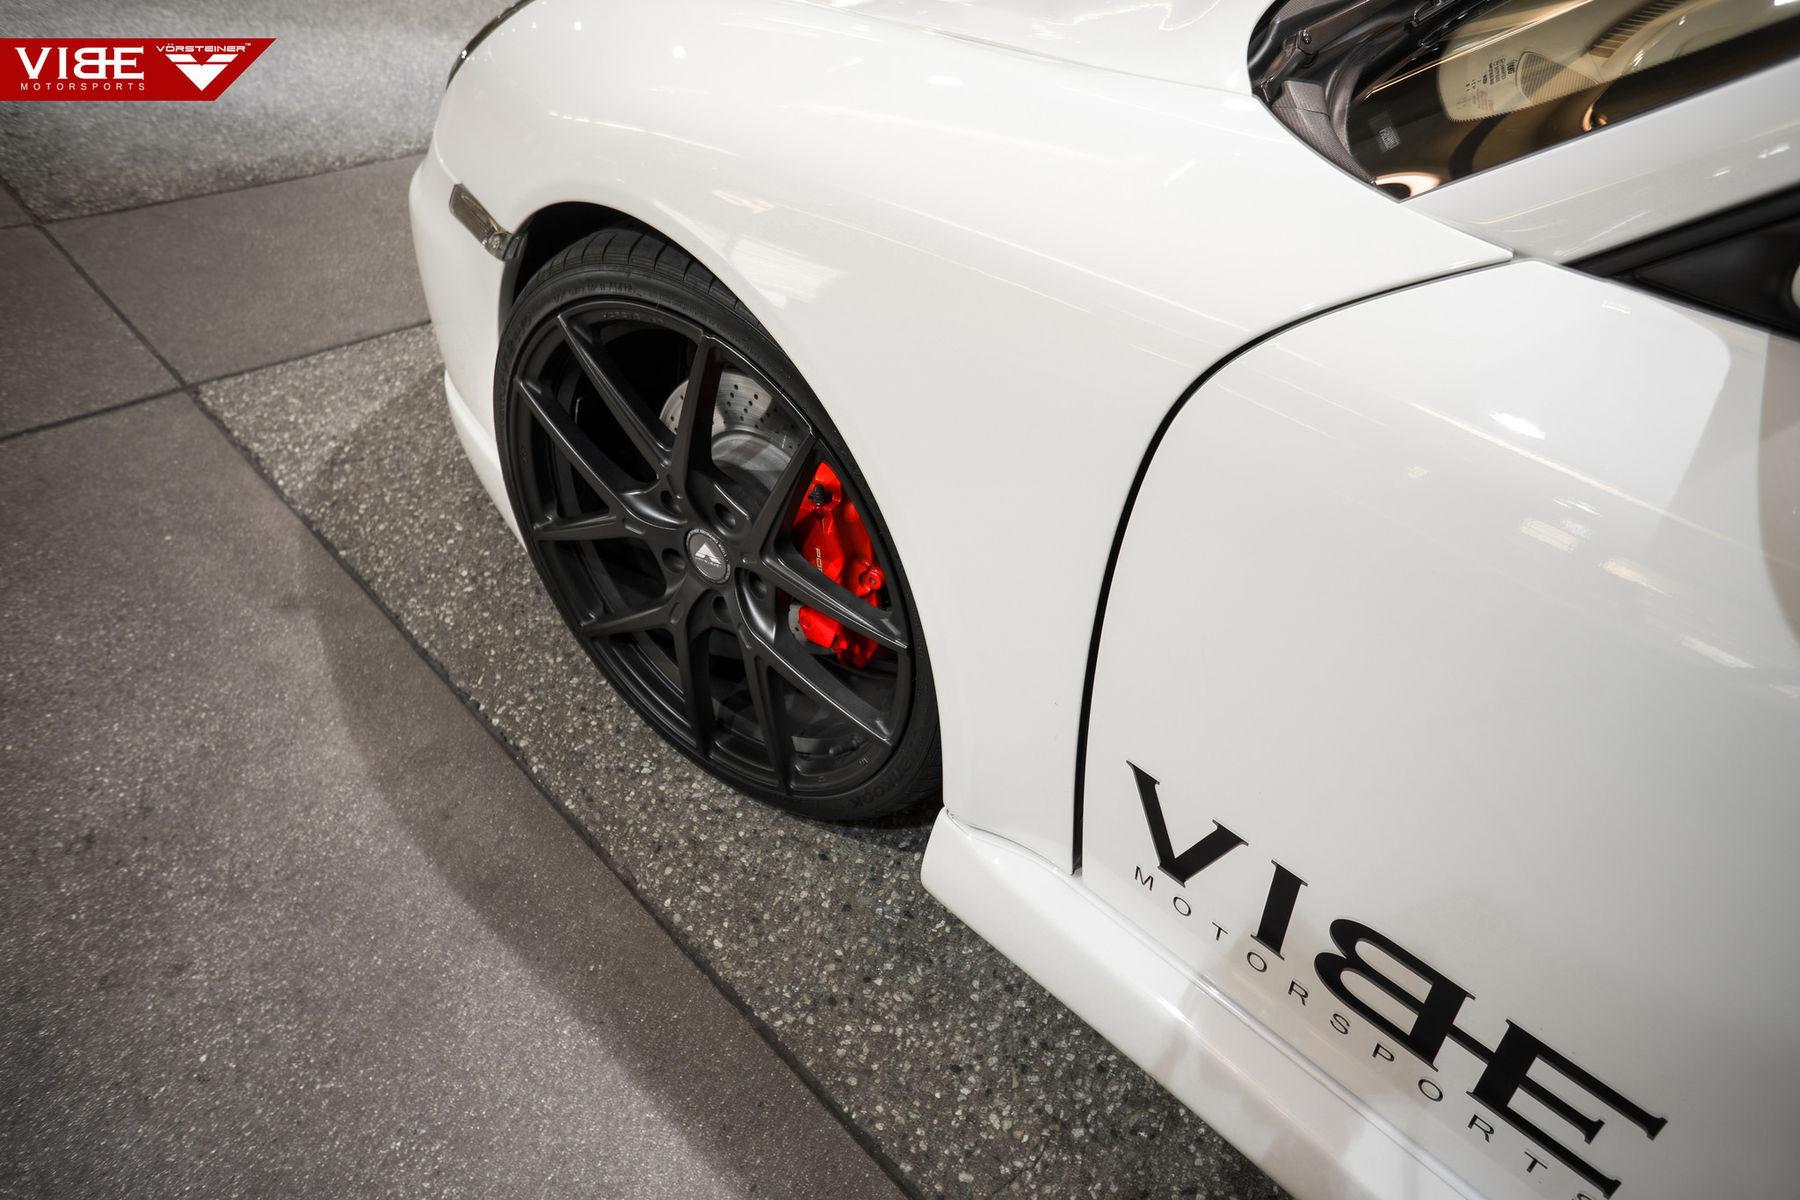 2006 Porsche 997 | Porsche Carrera S on Vorsteiner V-FF 101 Wheels - Team Vibe